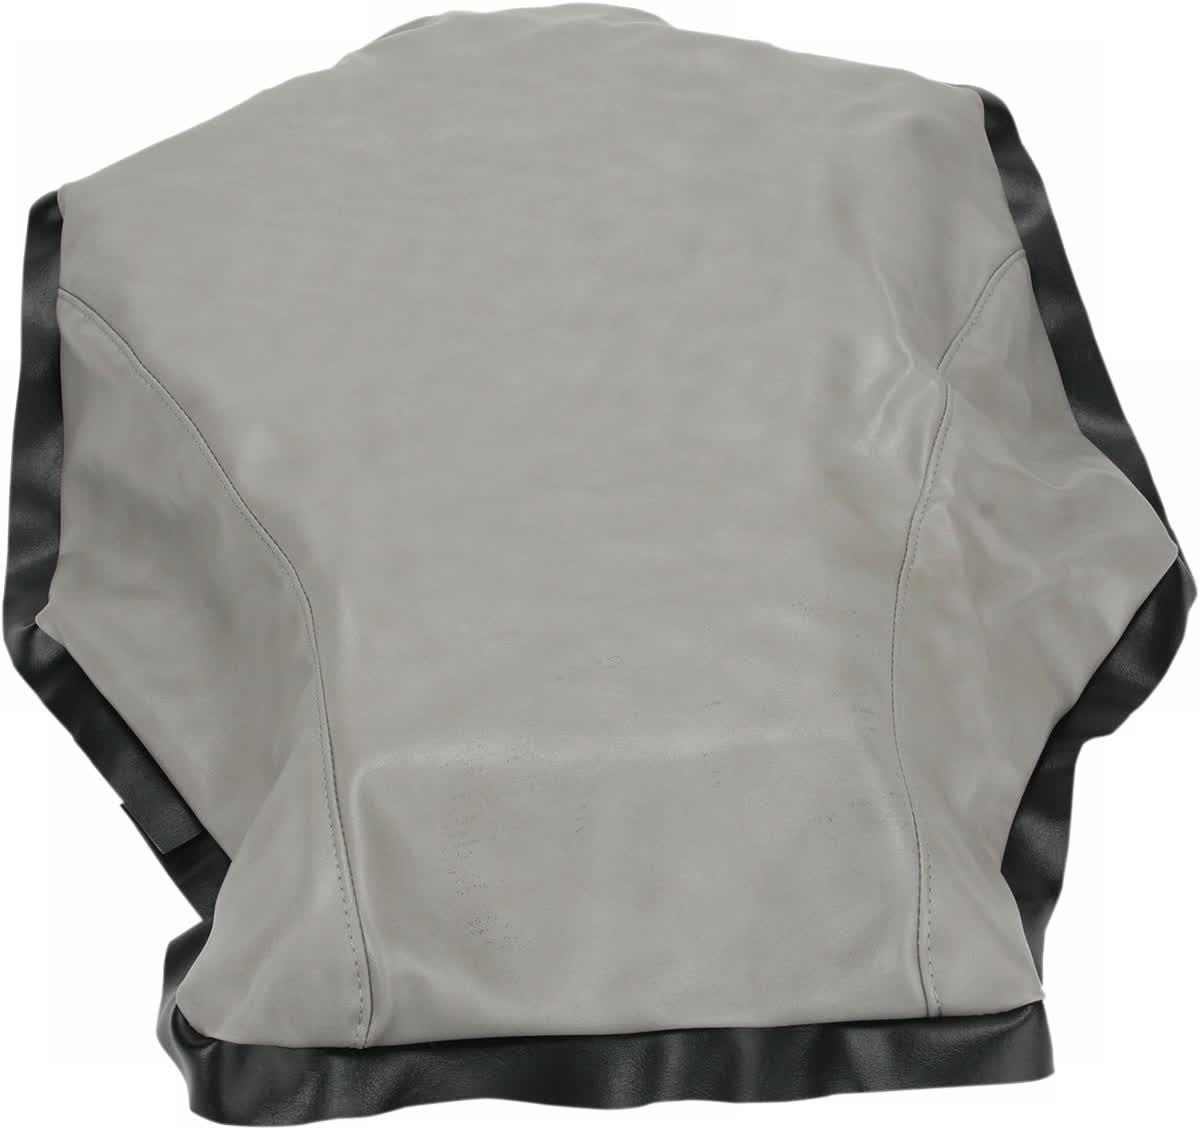 Saddlemen AM9514 Saddleskin Seat Cover  Gray